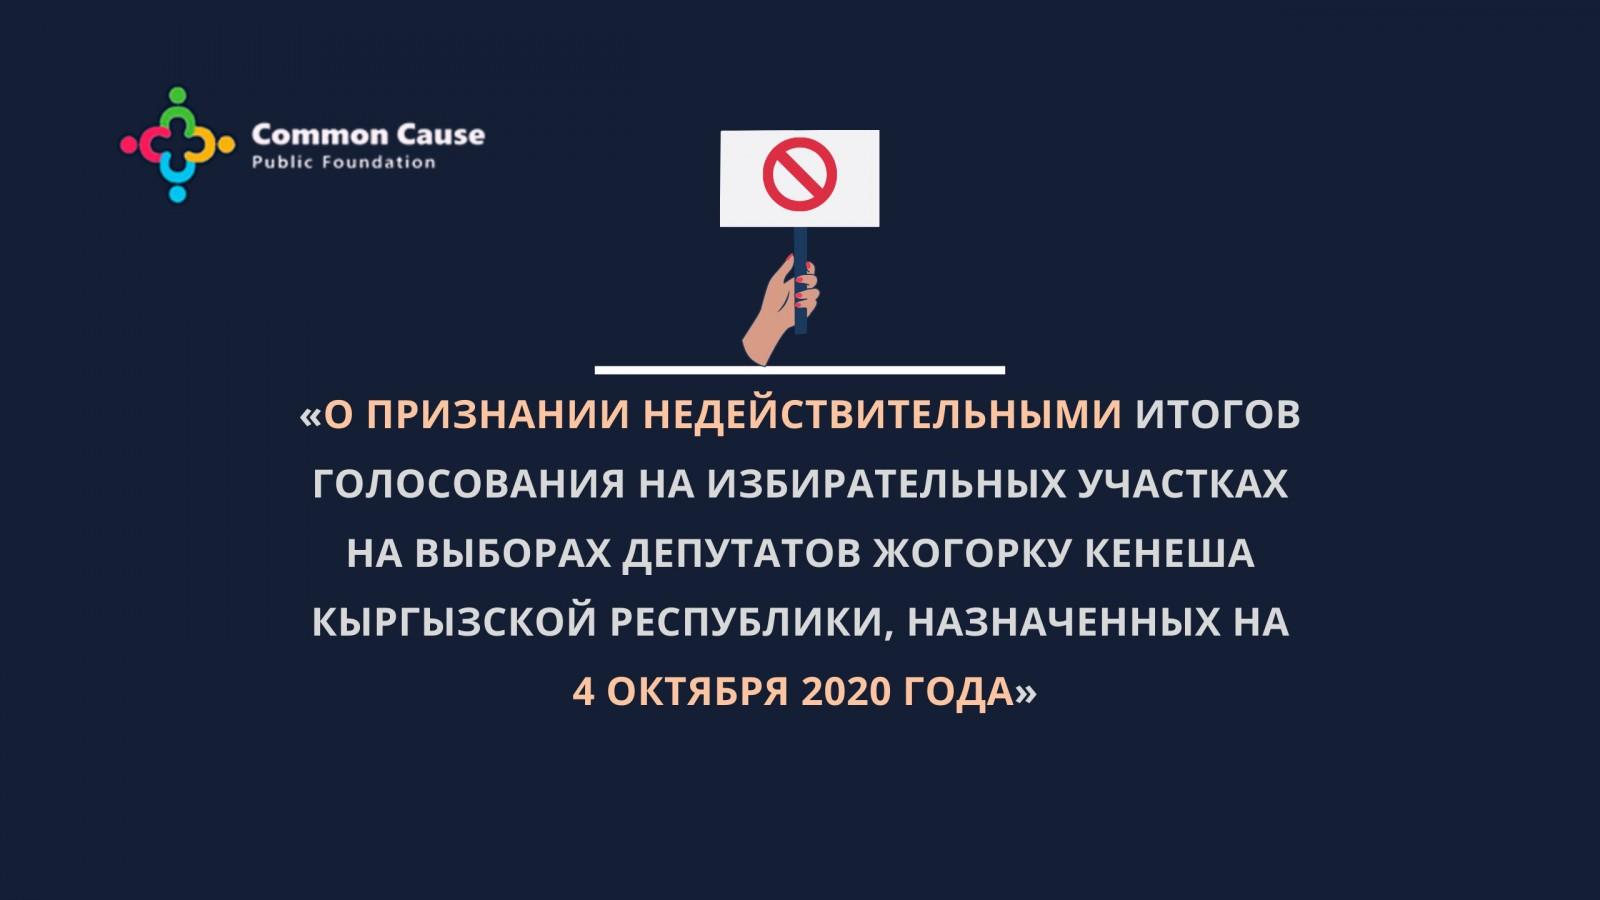 «О признании недействительными итогов голосования на избирательных участках на выборах депутатов Жогорку Кенеша Кыргызской Республики, назначенных на 4 октября 2020 года»